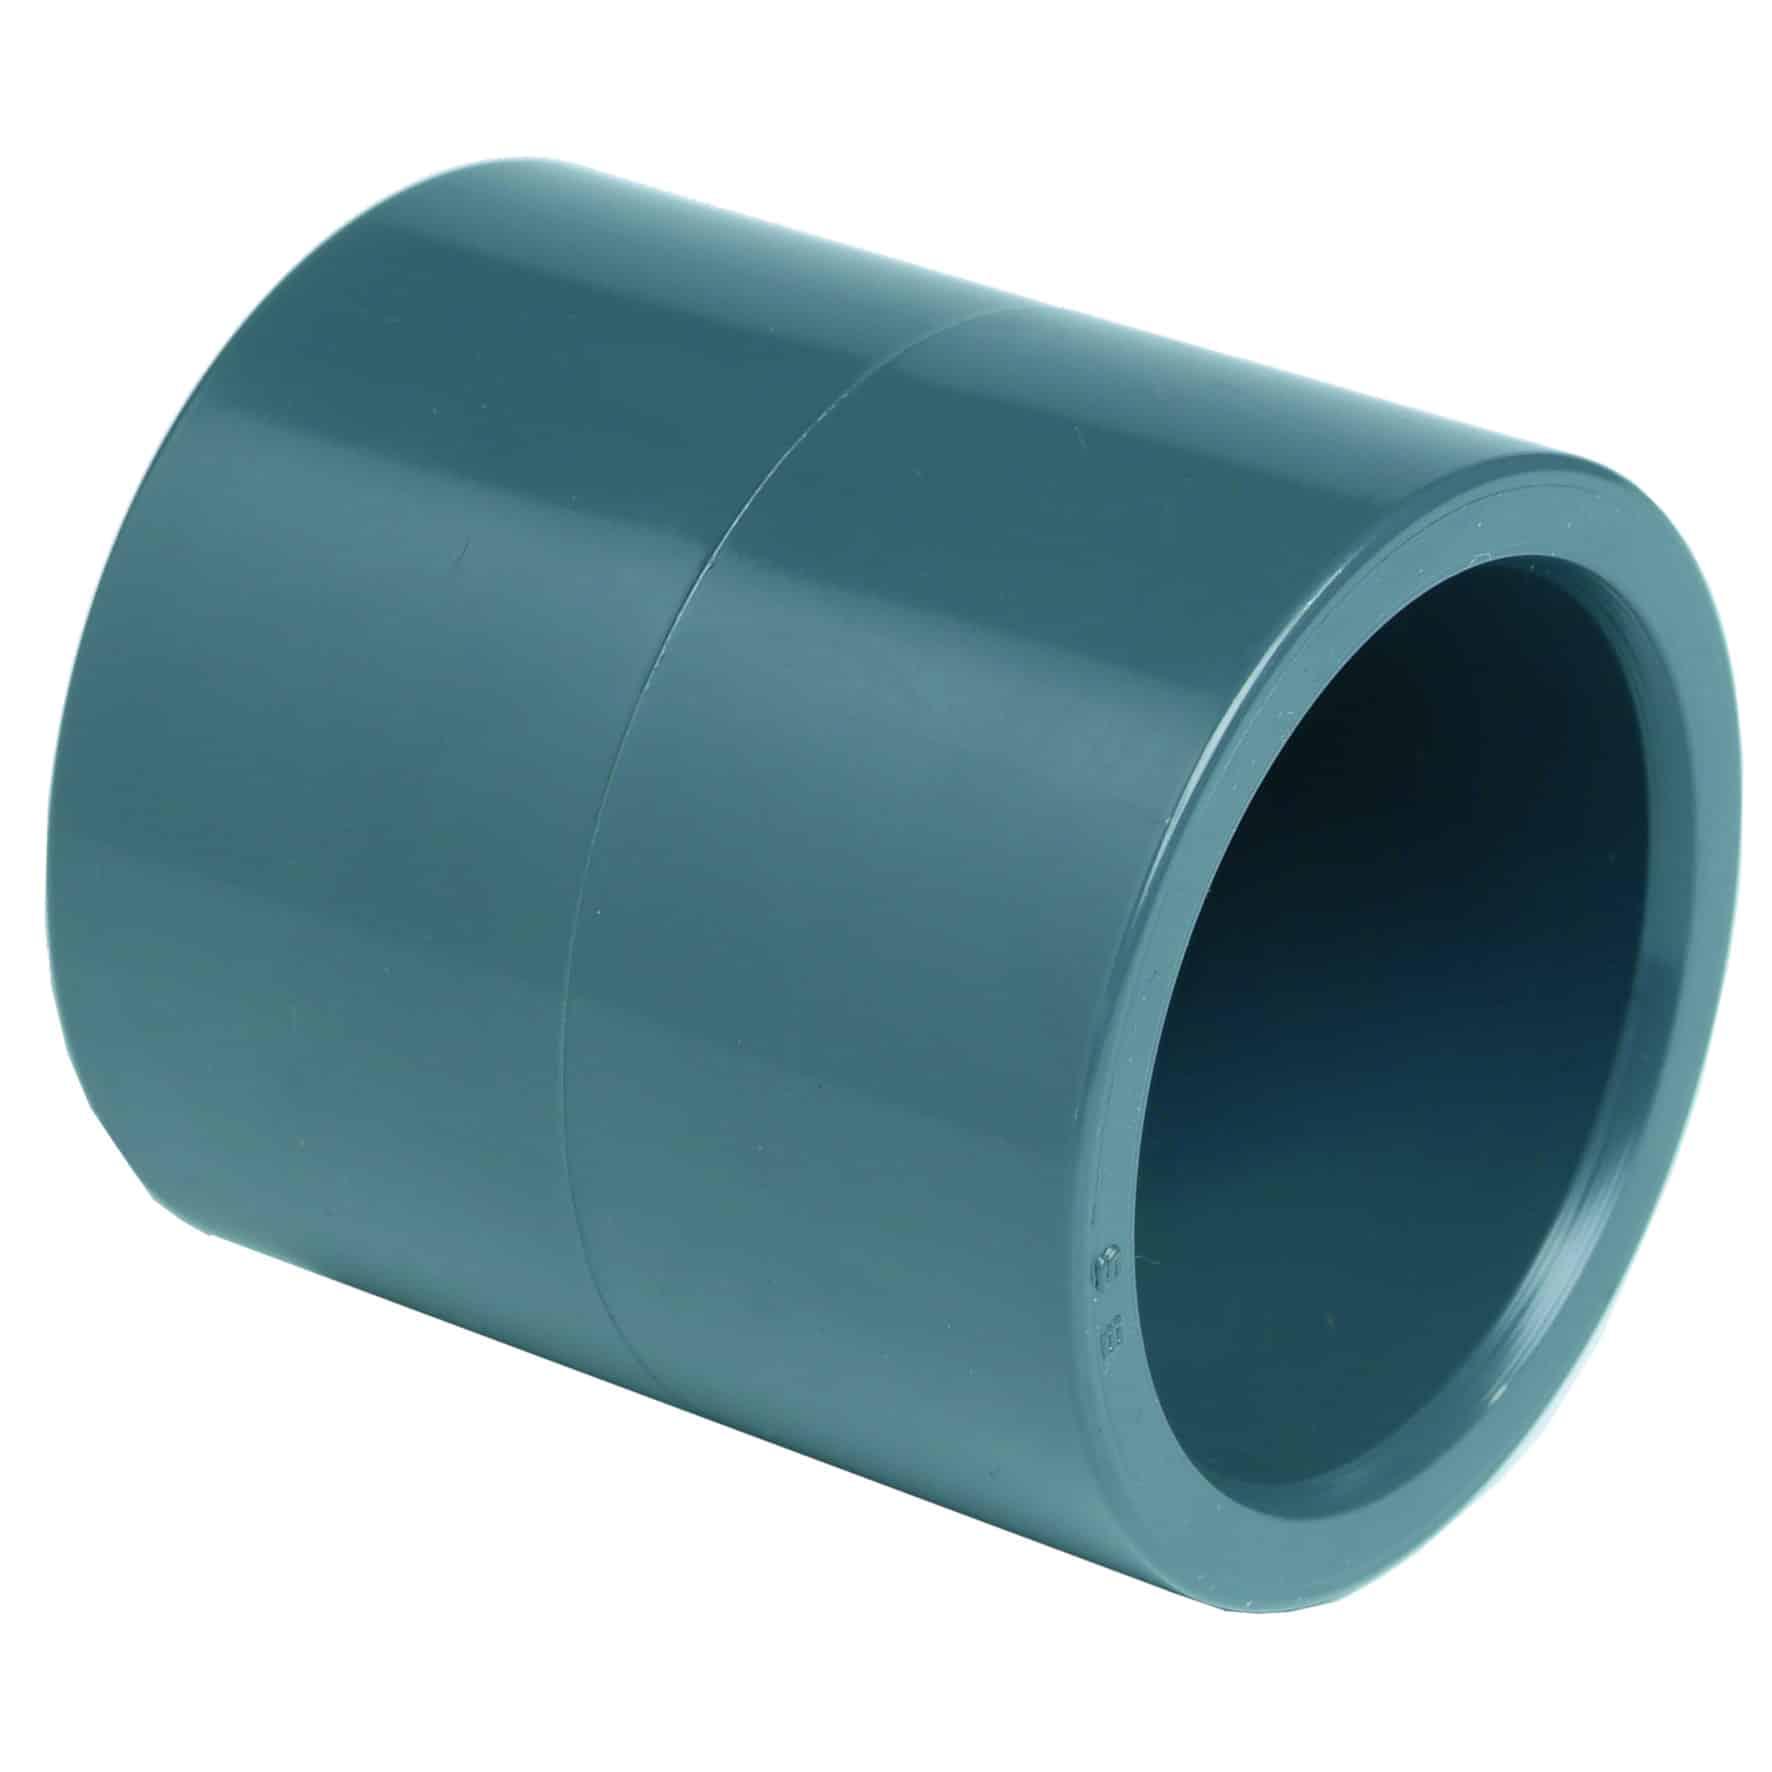 PVC-U manicotto di passaggio - EFFAST - 100% Made in Italy